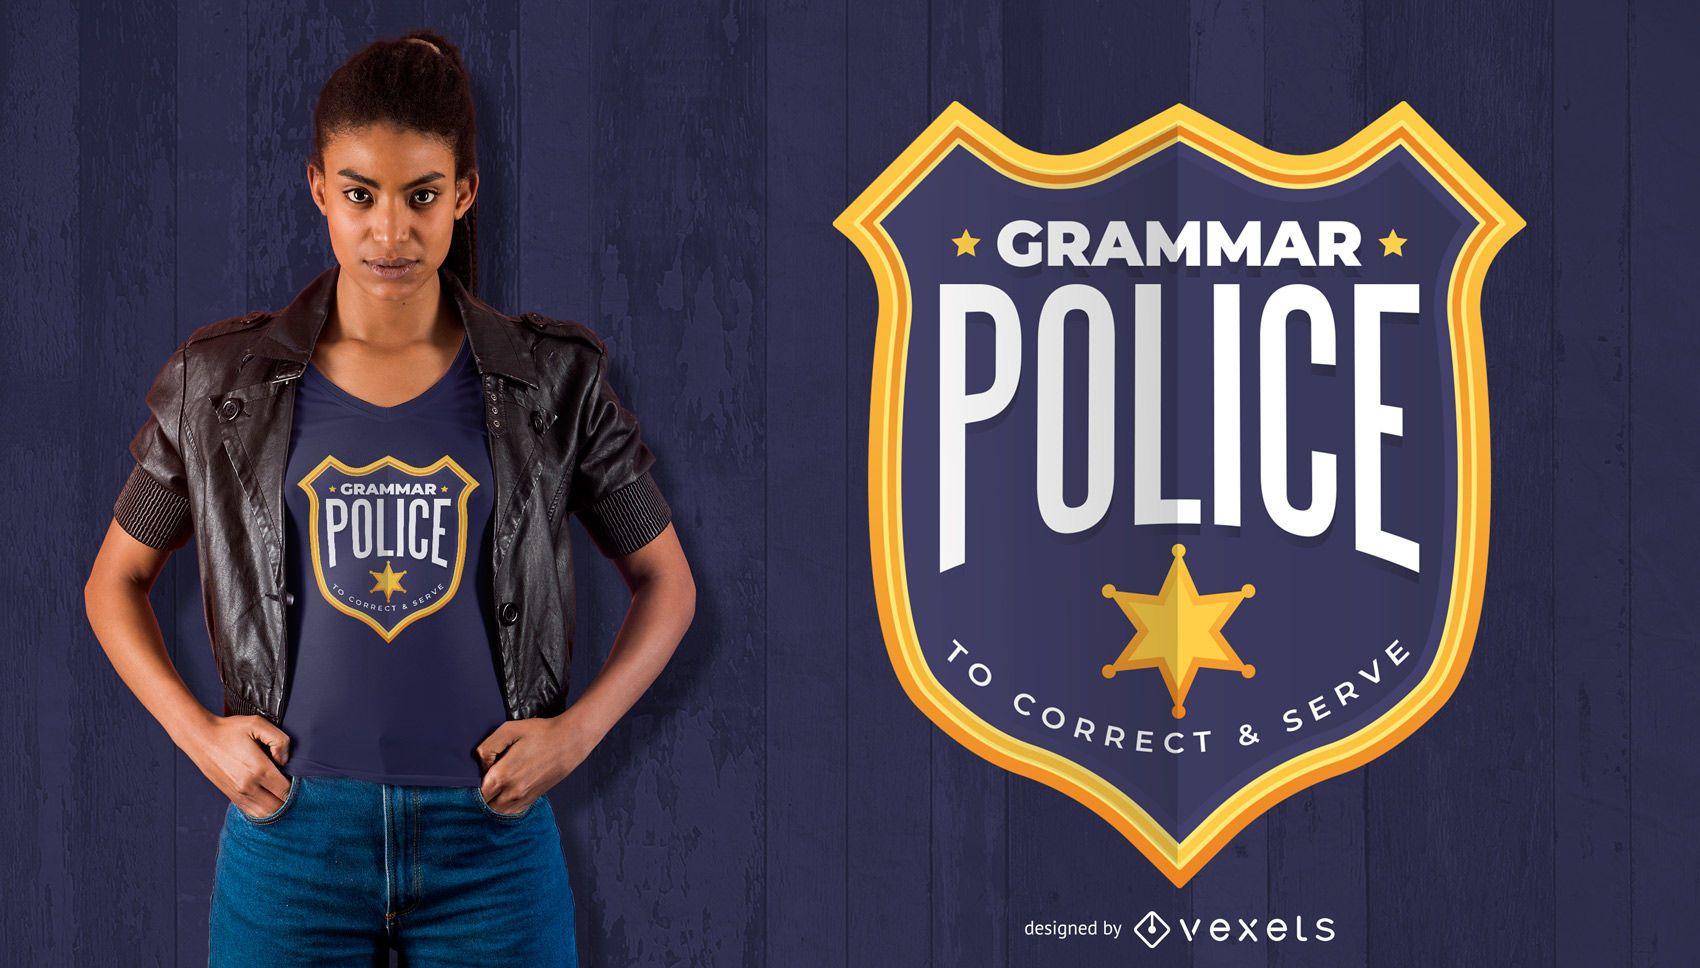 Grammatik Polizei Abzeichen T-Shirt Design